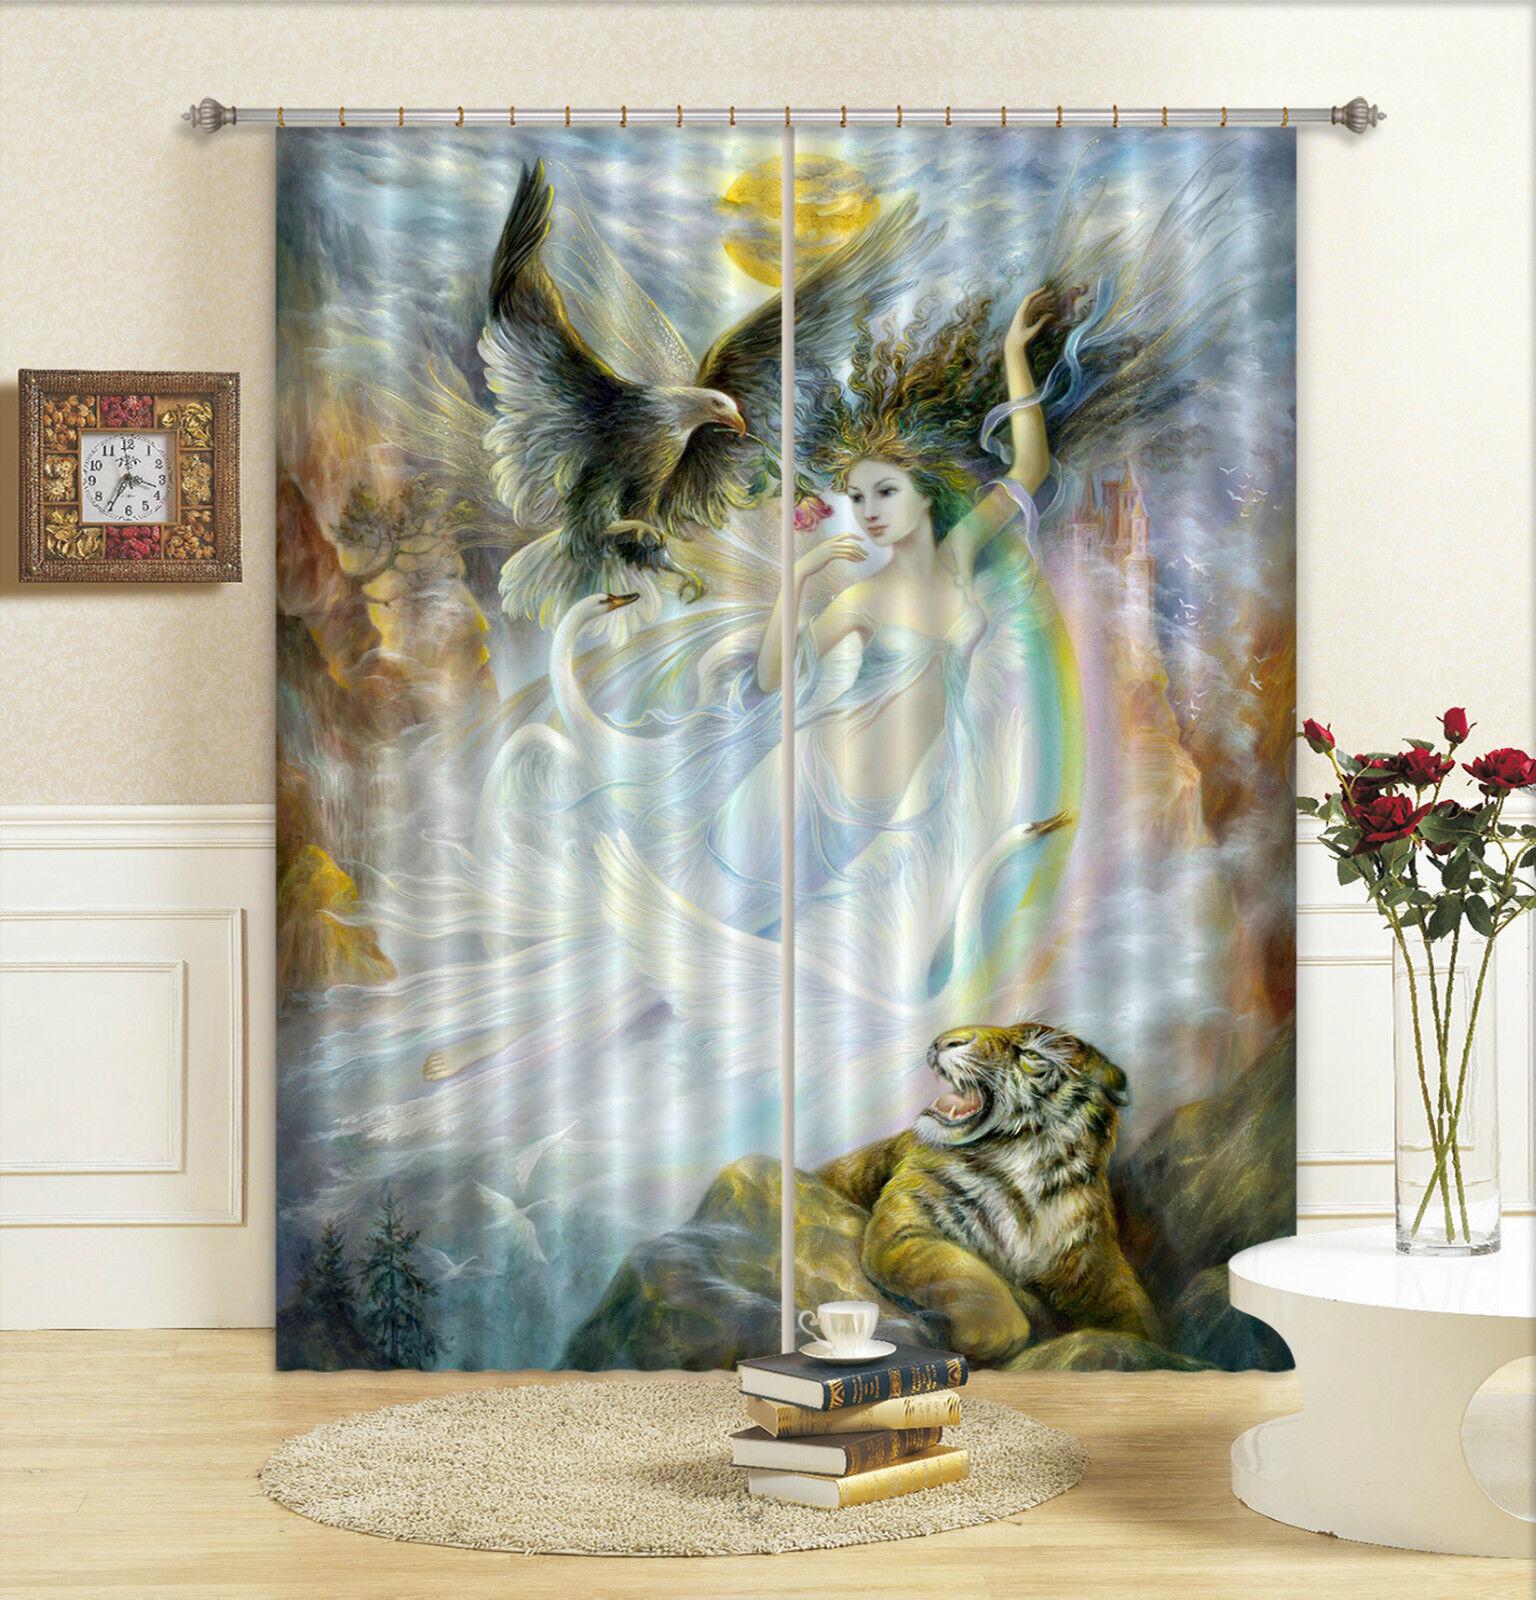 3d hada tiger 5263 bloqueo foto cortina cortina de impresión sustancia cortinas de ventana